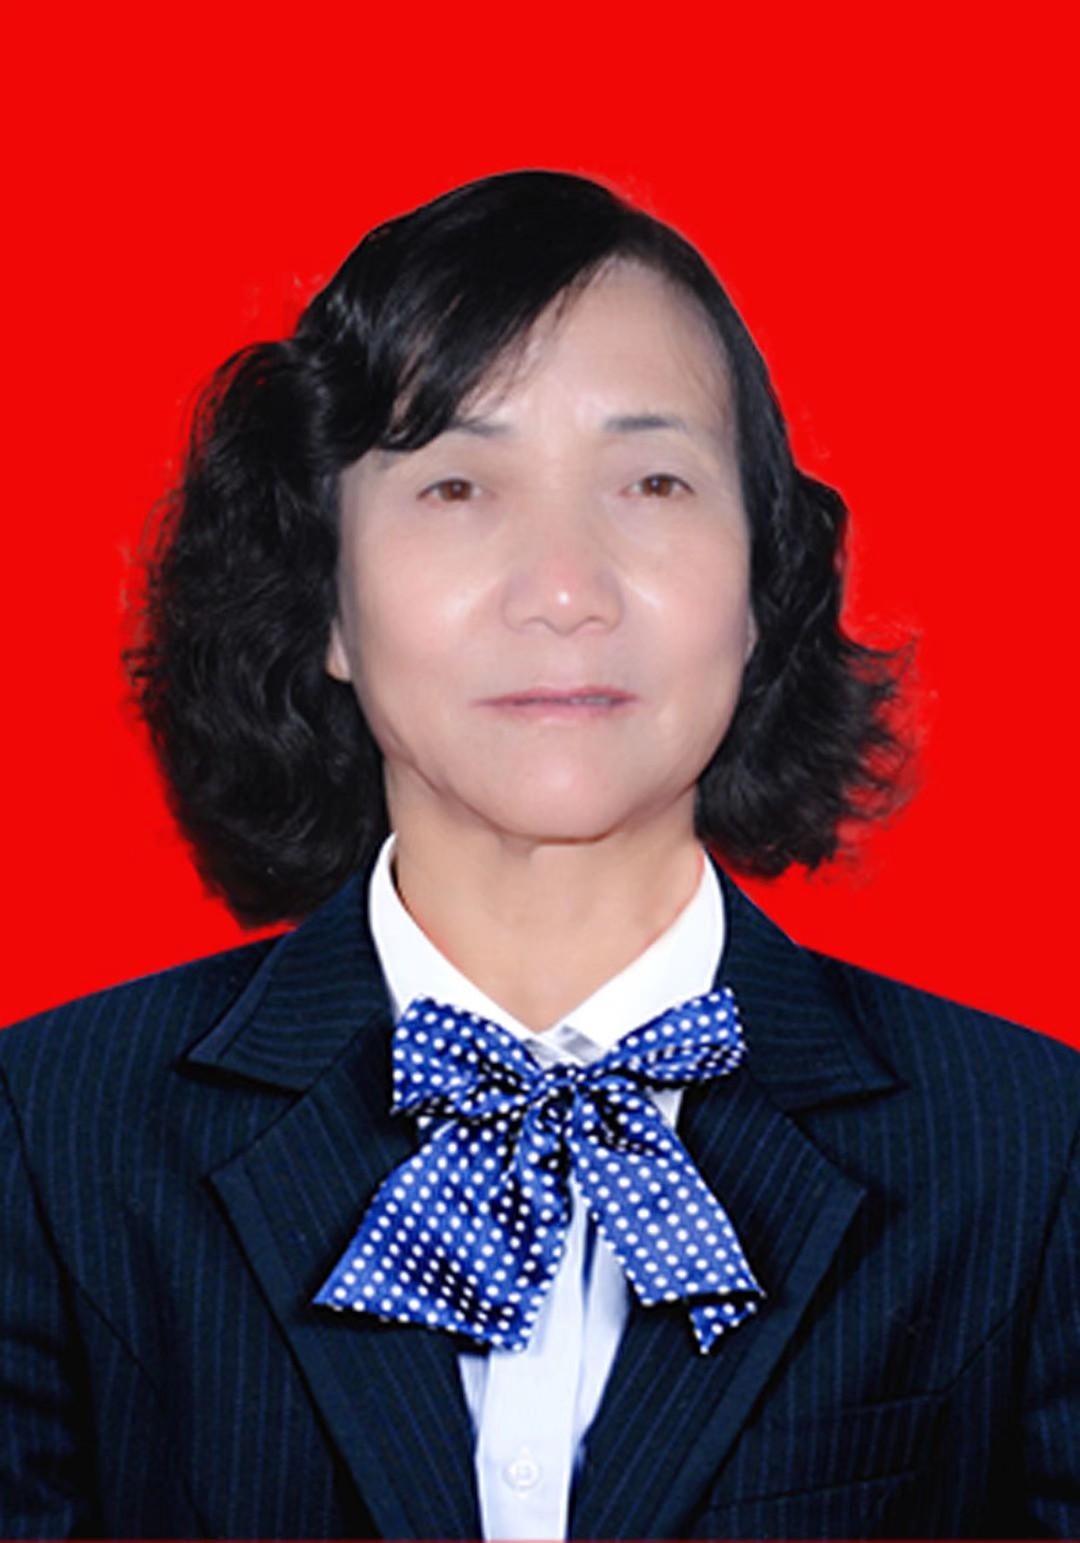 北方重彩石榴画院院长:刘福美